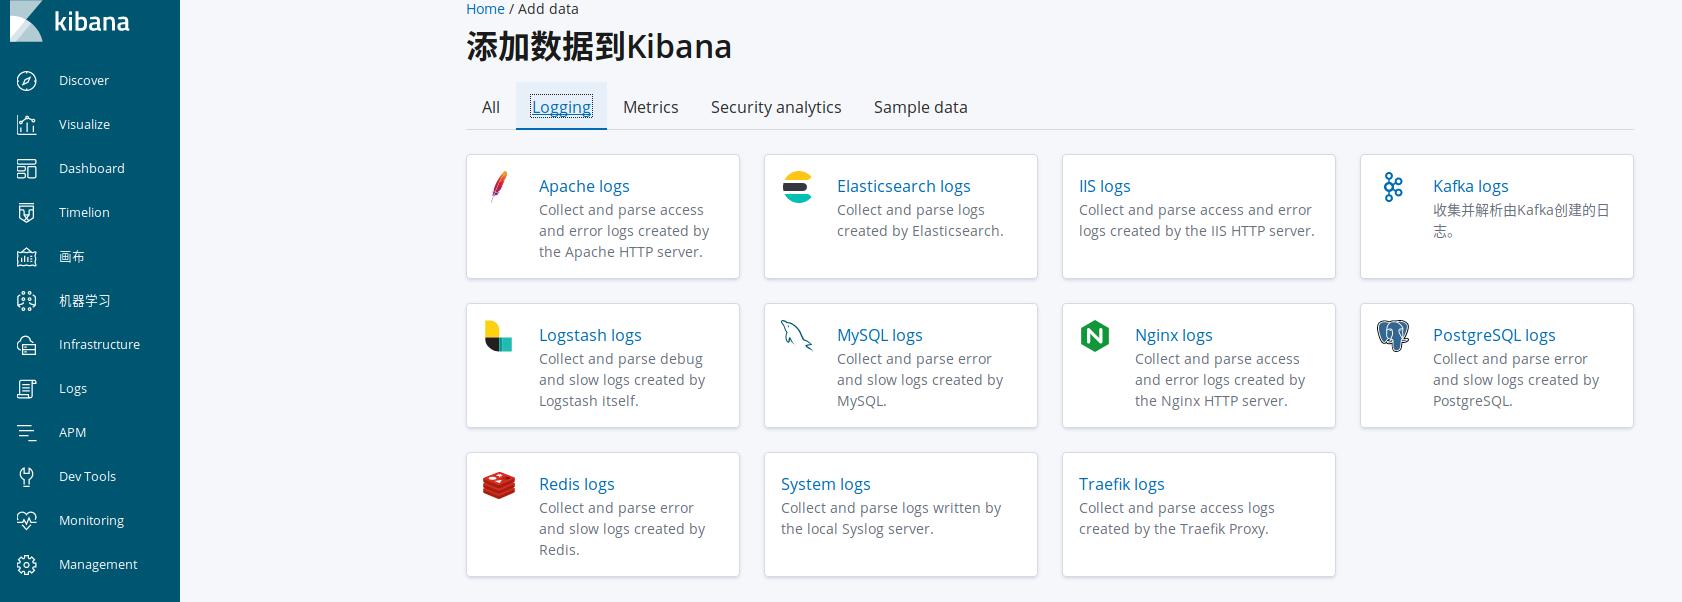 基于ELK Stack收集nginx日志并通过kibana展示